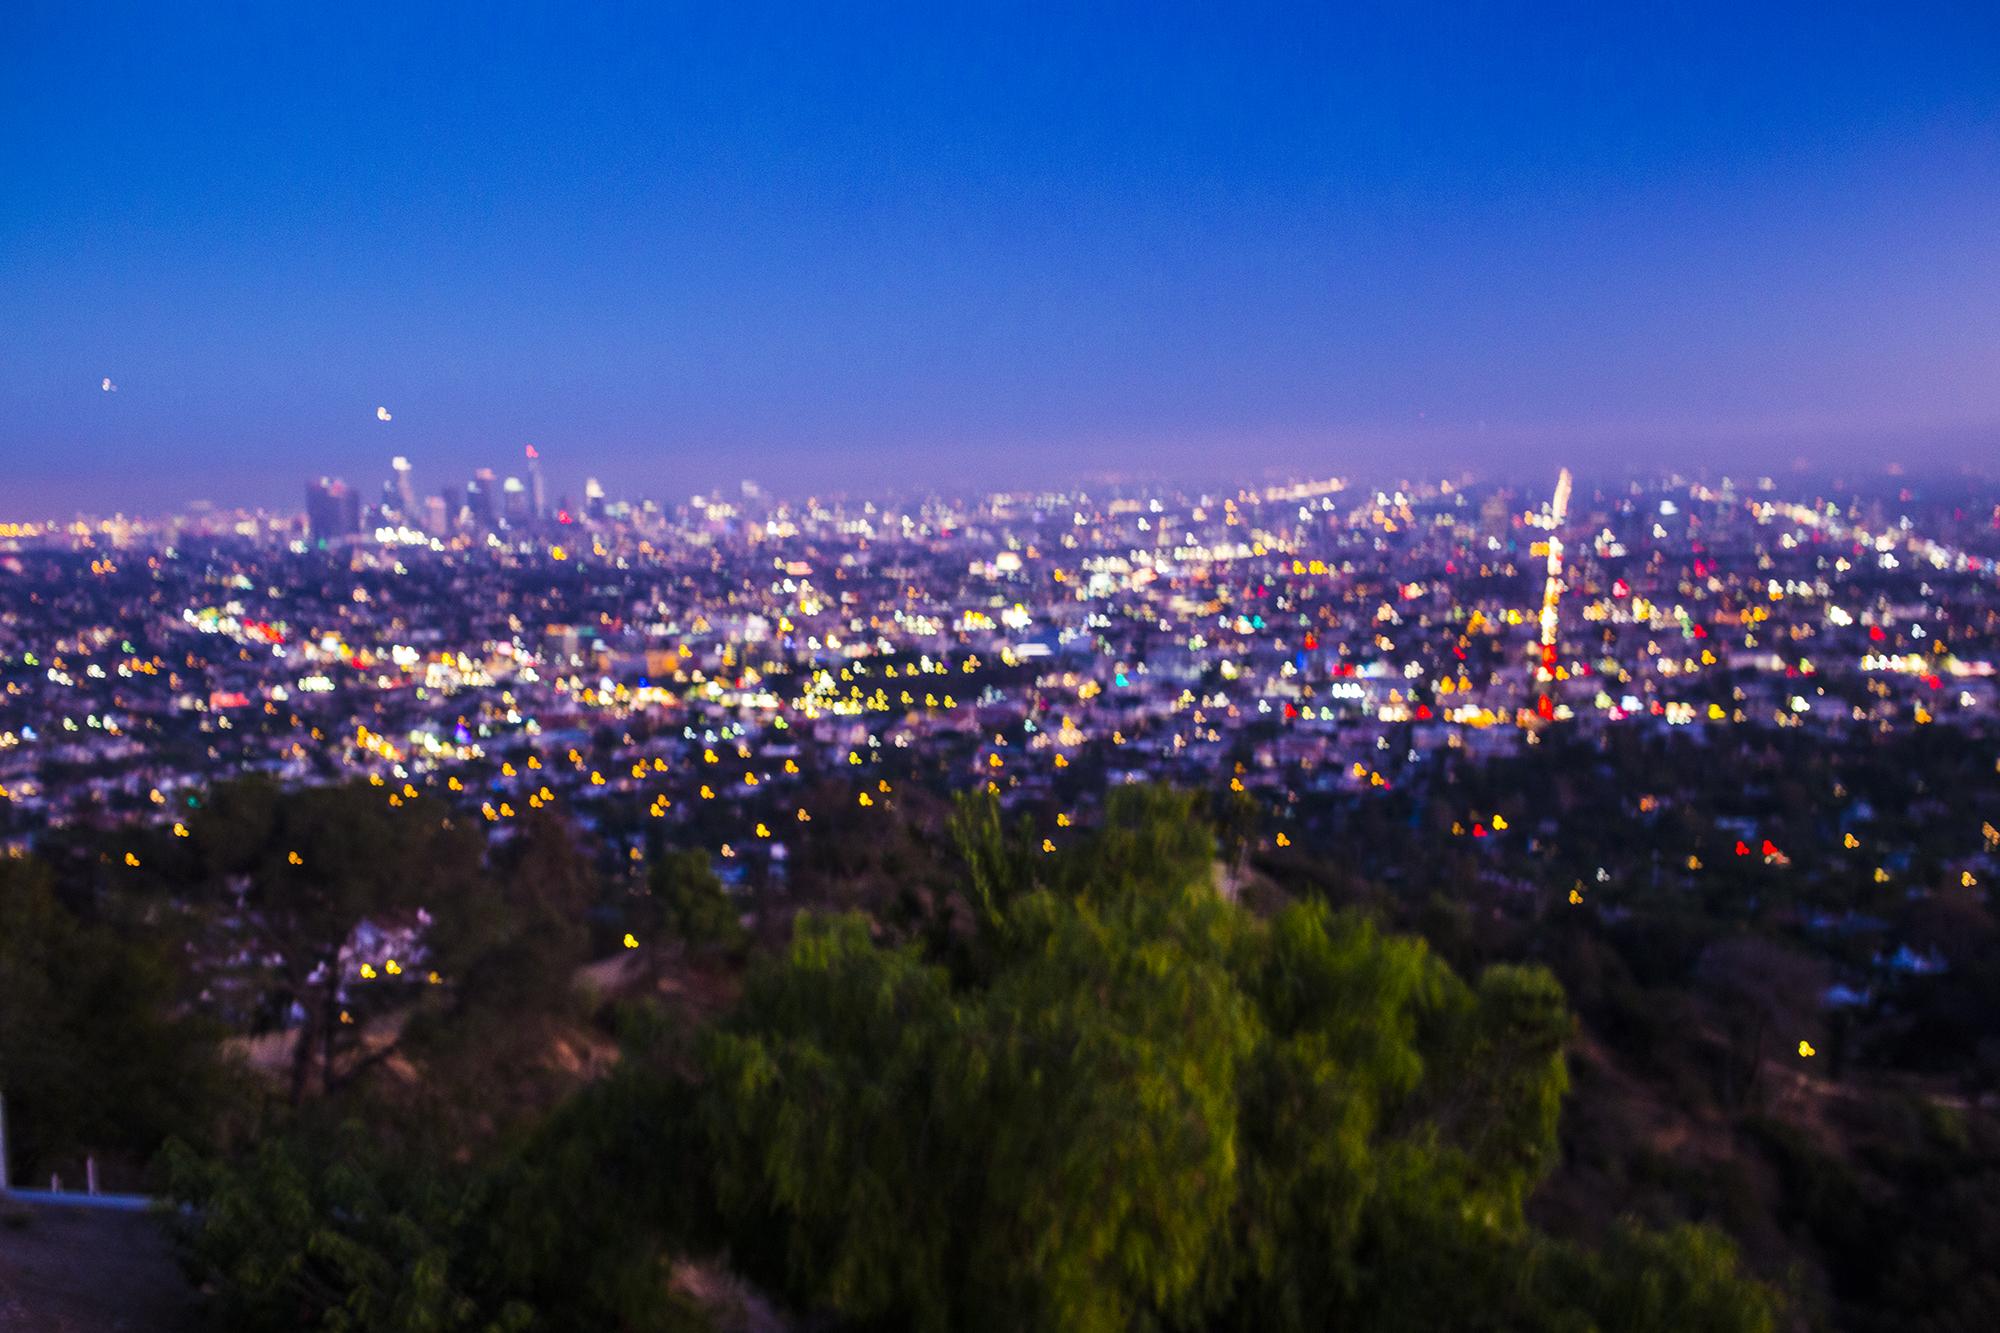 LA Dreaming by Rich J. Velasco